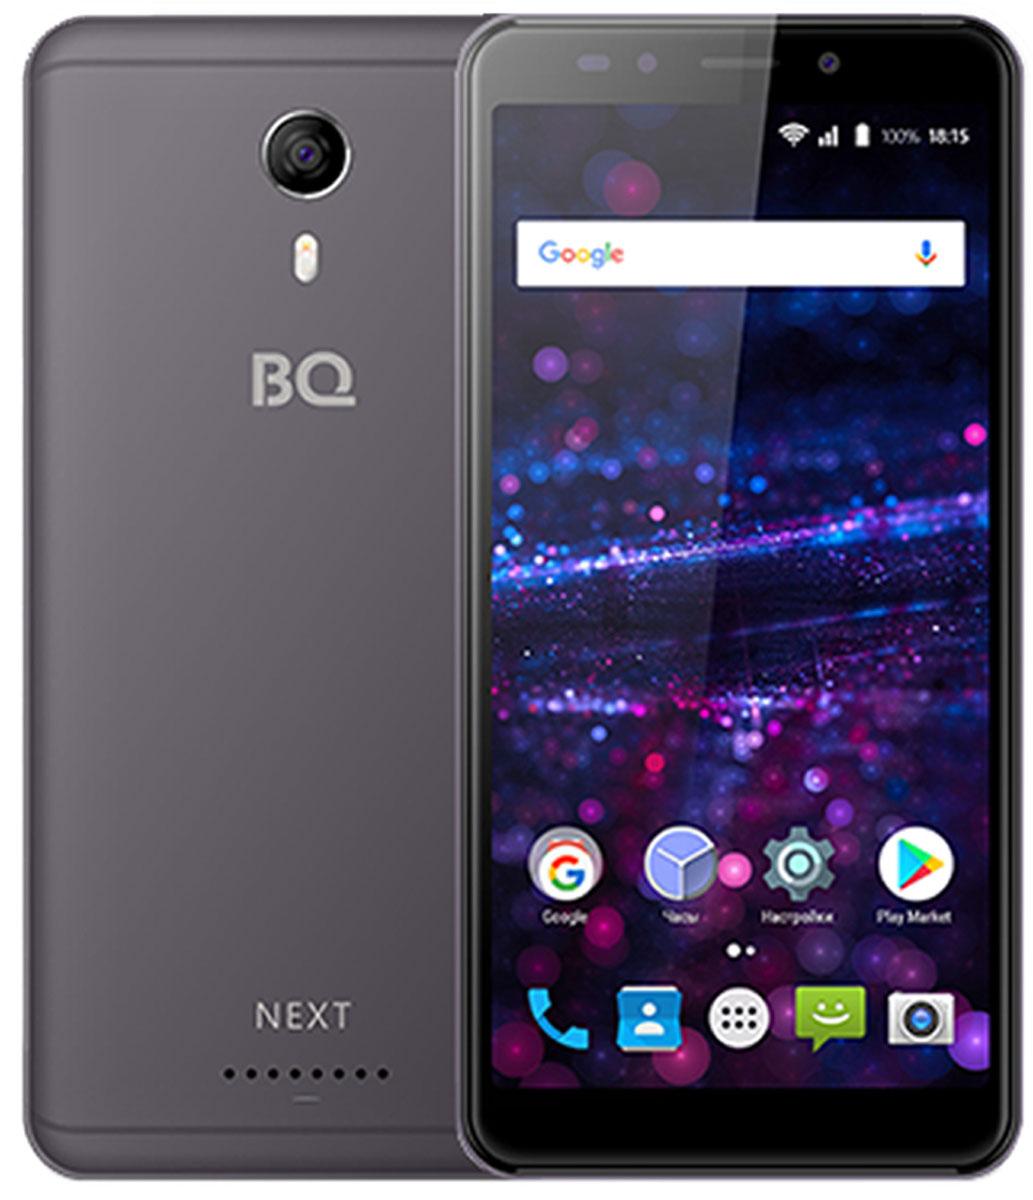 BQ 5522 Next, Gray85959BQ 5522 Next- это устройств новой линейки с безрамочным экраном . Благодаря соотношению сторон 18:9количество информации, отображаемой на экране, заметно увеличилось, а смартфоном стало удобнее пользоваться.Помимо габаритов 5,45, дисплей BQ Next имеет обозначение IPS, которое означает, что экран может похвастаться улучшенной цветопередачей и яркостью. Технологии Capacitive touch и Multitouch позволяют одновременно прикасаться к нескольким точкам на дисплее. Обе камеры, тыловая и фронтальная, имеют одинаковое разрешение 5 МП. Для пользователей доступно несколько режимов съемки. Портретная - с использованием автофокуса, Face Beauty - помогающая поправить цвет лица и структуру кожи, ночная съемка и панорамный режим. Для безопасности данных в смартфоне реализована технология Face Unlock, которая разблокирует экран при распознавании лица владельца.За обработку данных отвечает четырехъядерный процессор и 1 ГБ оперативной памяти. 8 ГБ встроенной памяти можно увеличить до 64ГБ, используя Micro SD. В качестве операционной системы была выбрана надежная ОС Android 7.0.Смартфон сертифицирован EAC и имеет русифицированный интерфейс меню и Руководство пользователя.